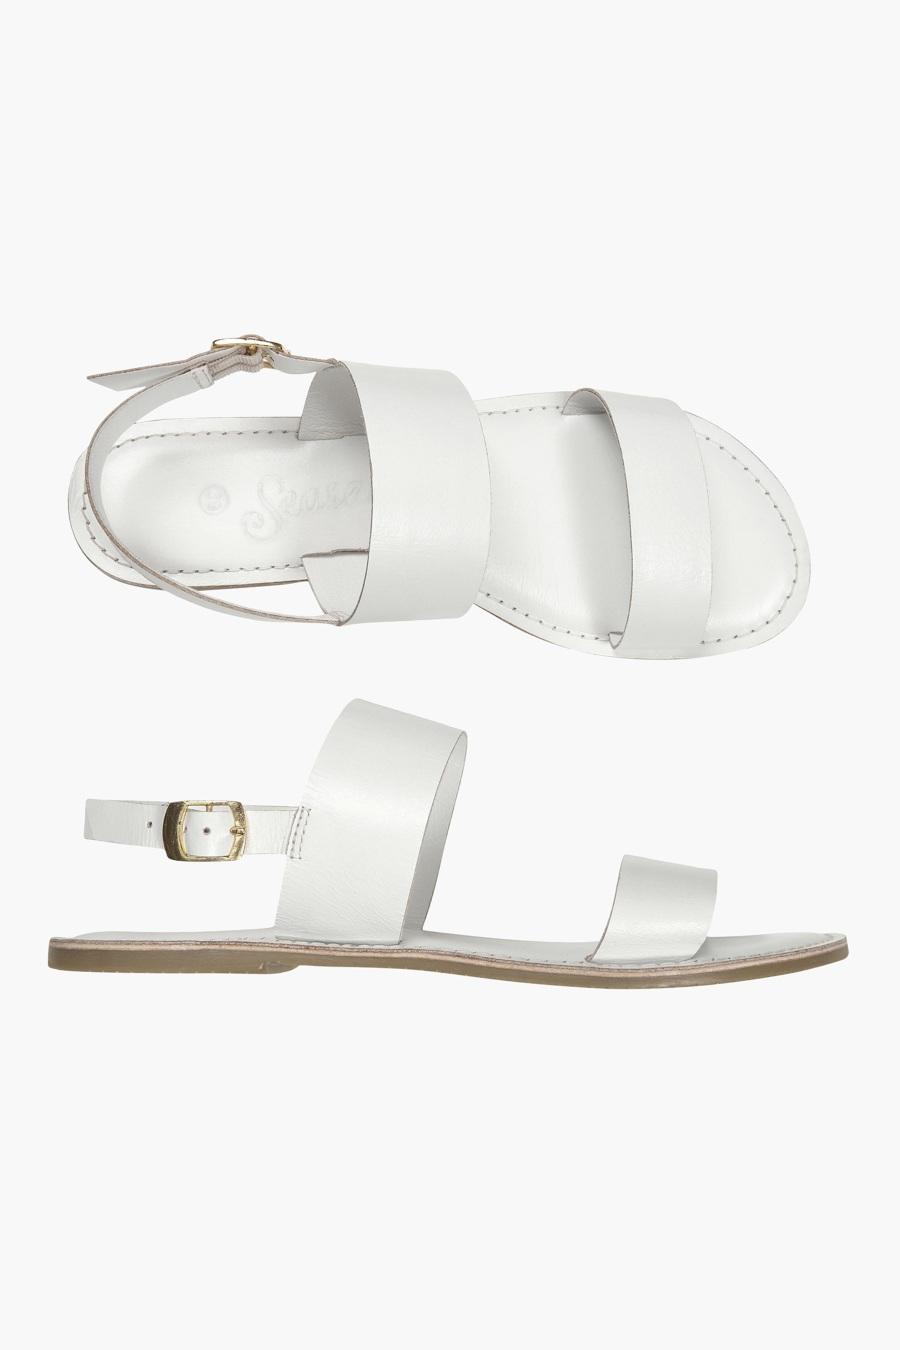 SEASALT CLOTHING - AURORA SANDALS IN SALT - £29.95